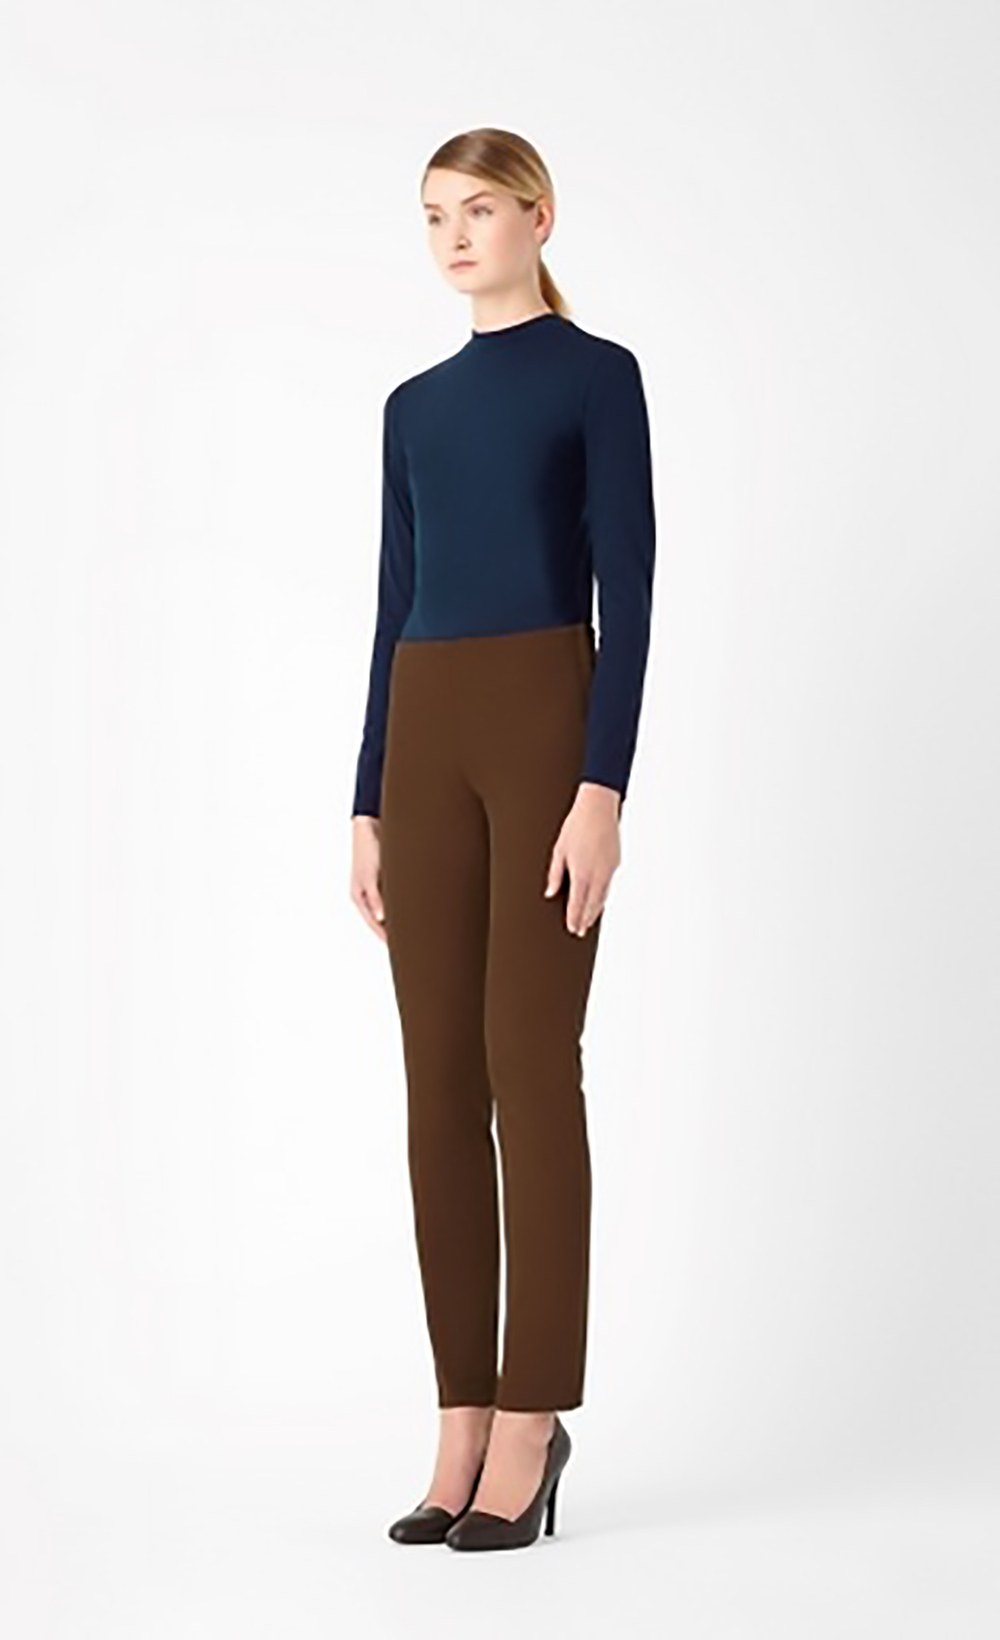 cos slim side zip trousers COS 1500.jpg